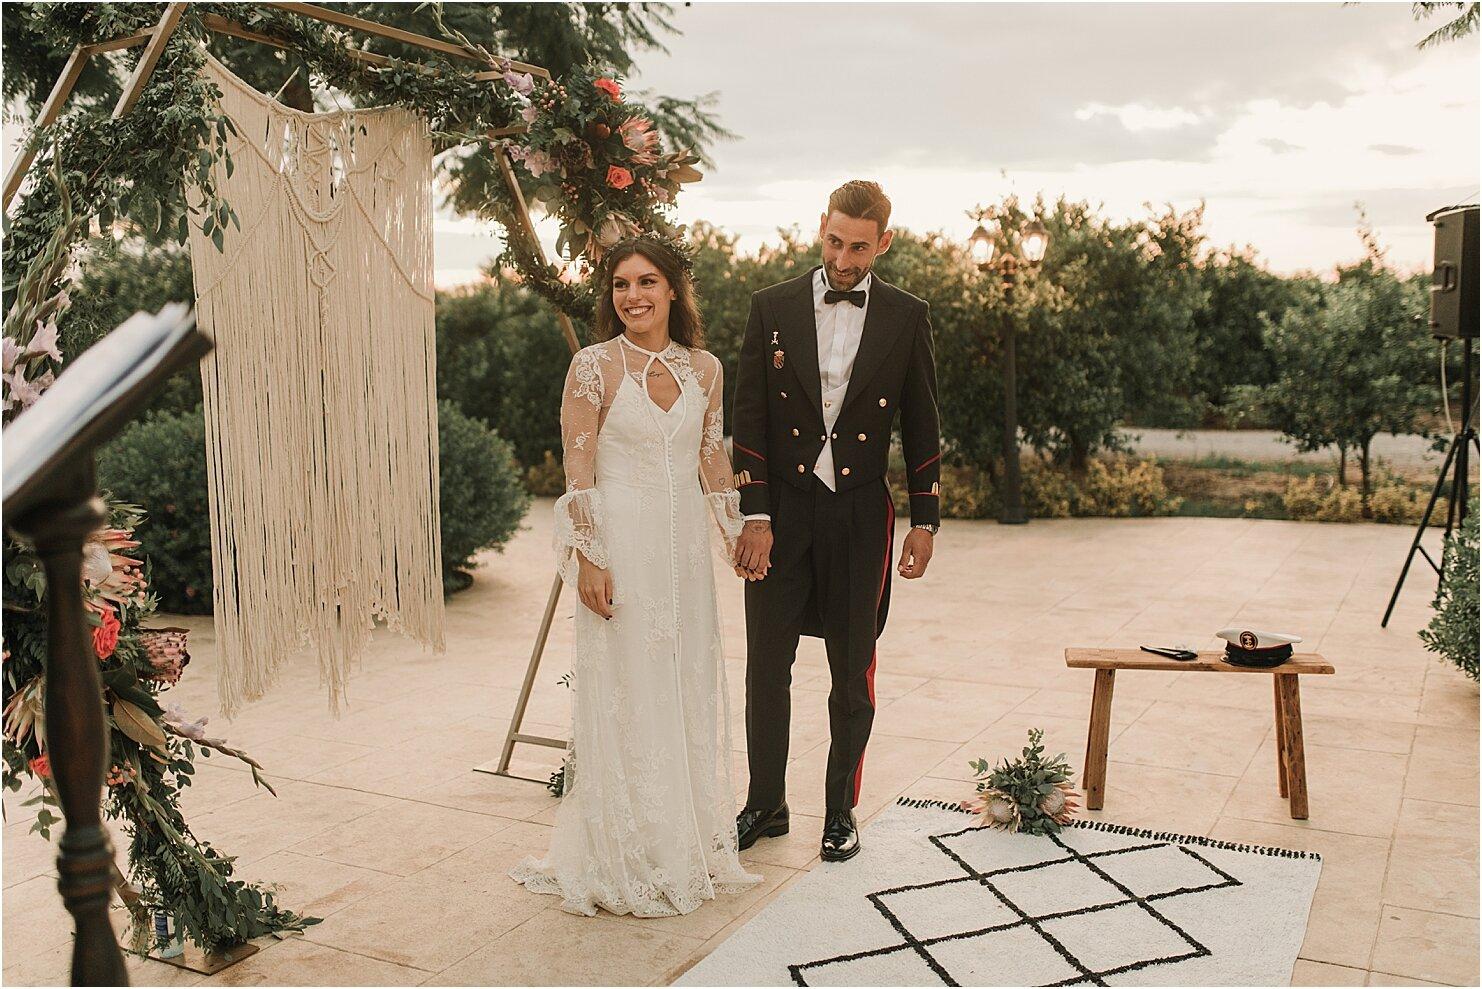 boda-romantica-boda-boho-vestido-de-novia-laura-lomas38.jpg